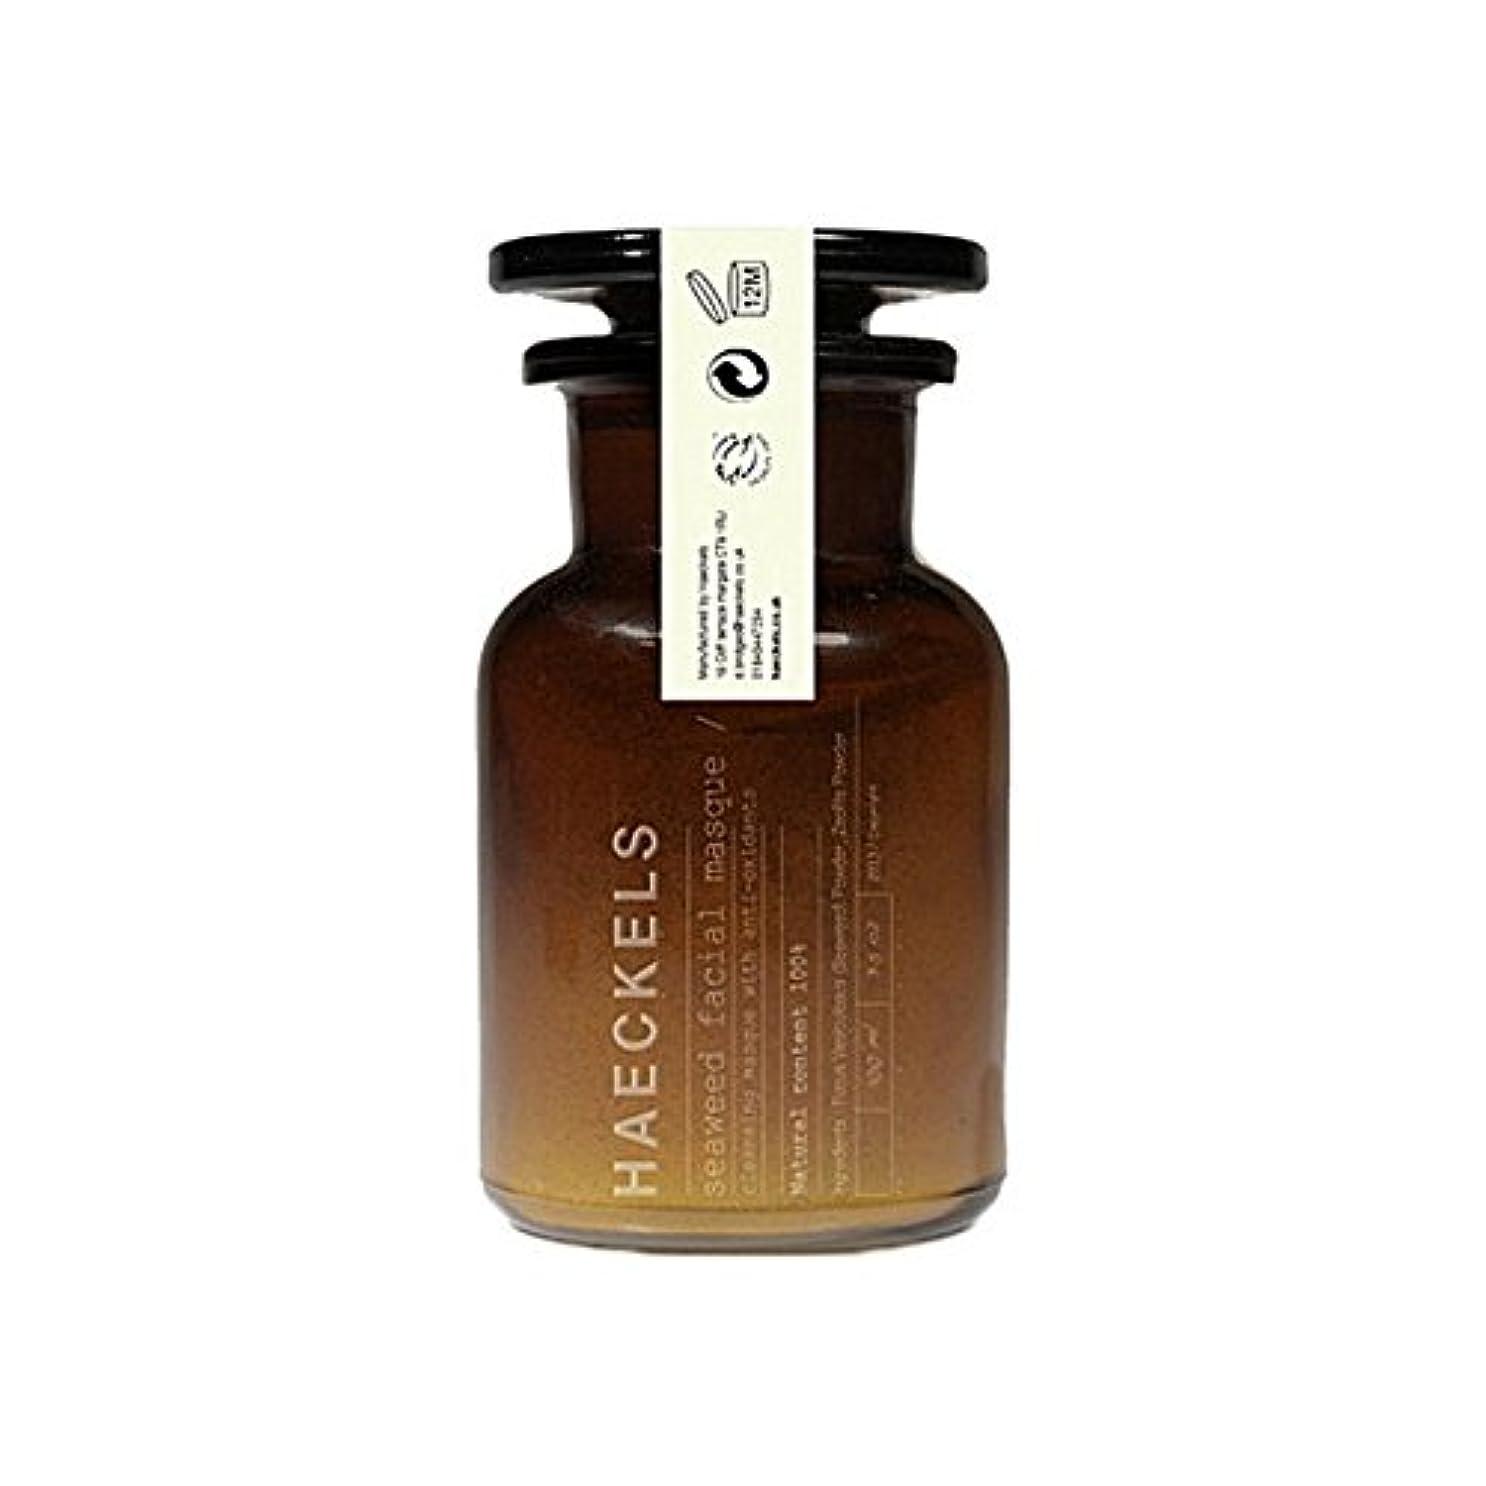 ラリーベルモント収益プロテスタント海藻やミネラルフェイスマスク100ミリリットルを x2 - Haeckels Seaweed And Mineral Face Mask 100Ml (Pack of 2) [並行輸入品]